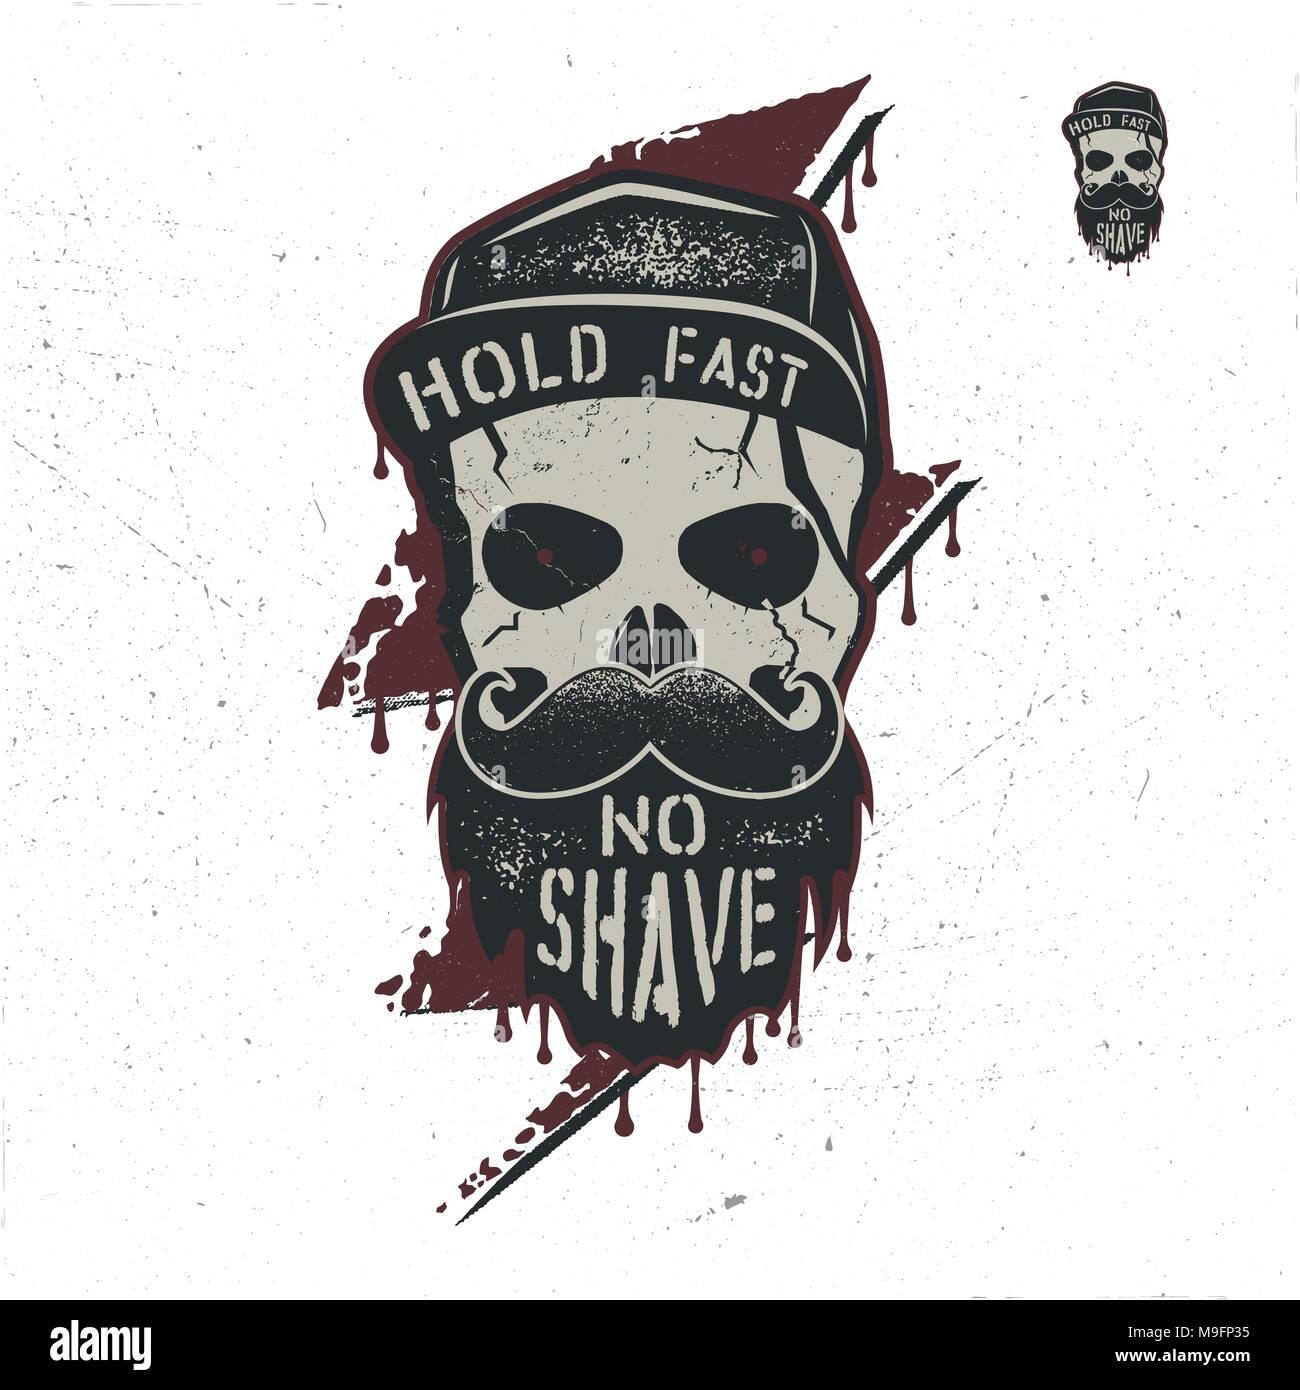 No Shave Imágenes De Stock   No Shave Fotos De Stock - Alamy fbb653cbb1ce